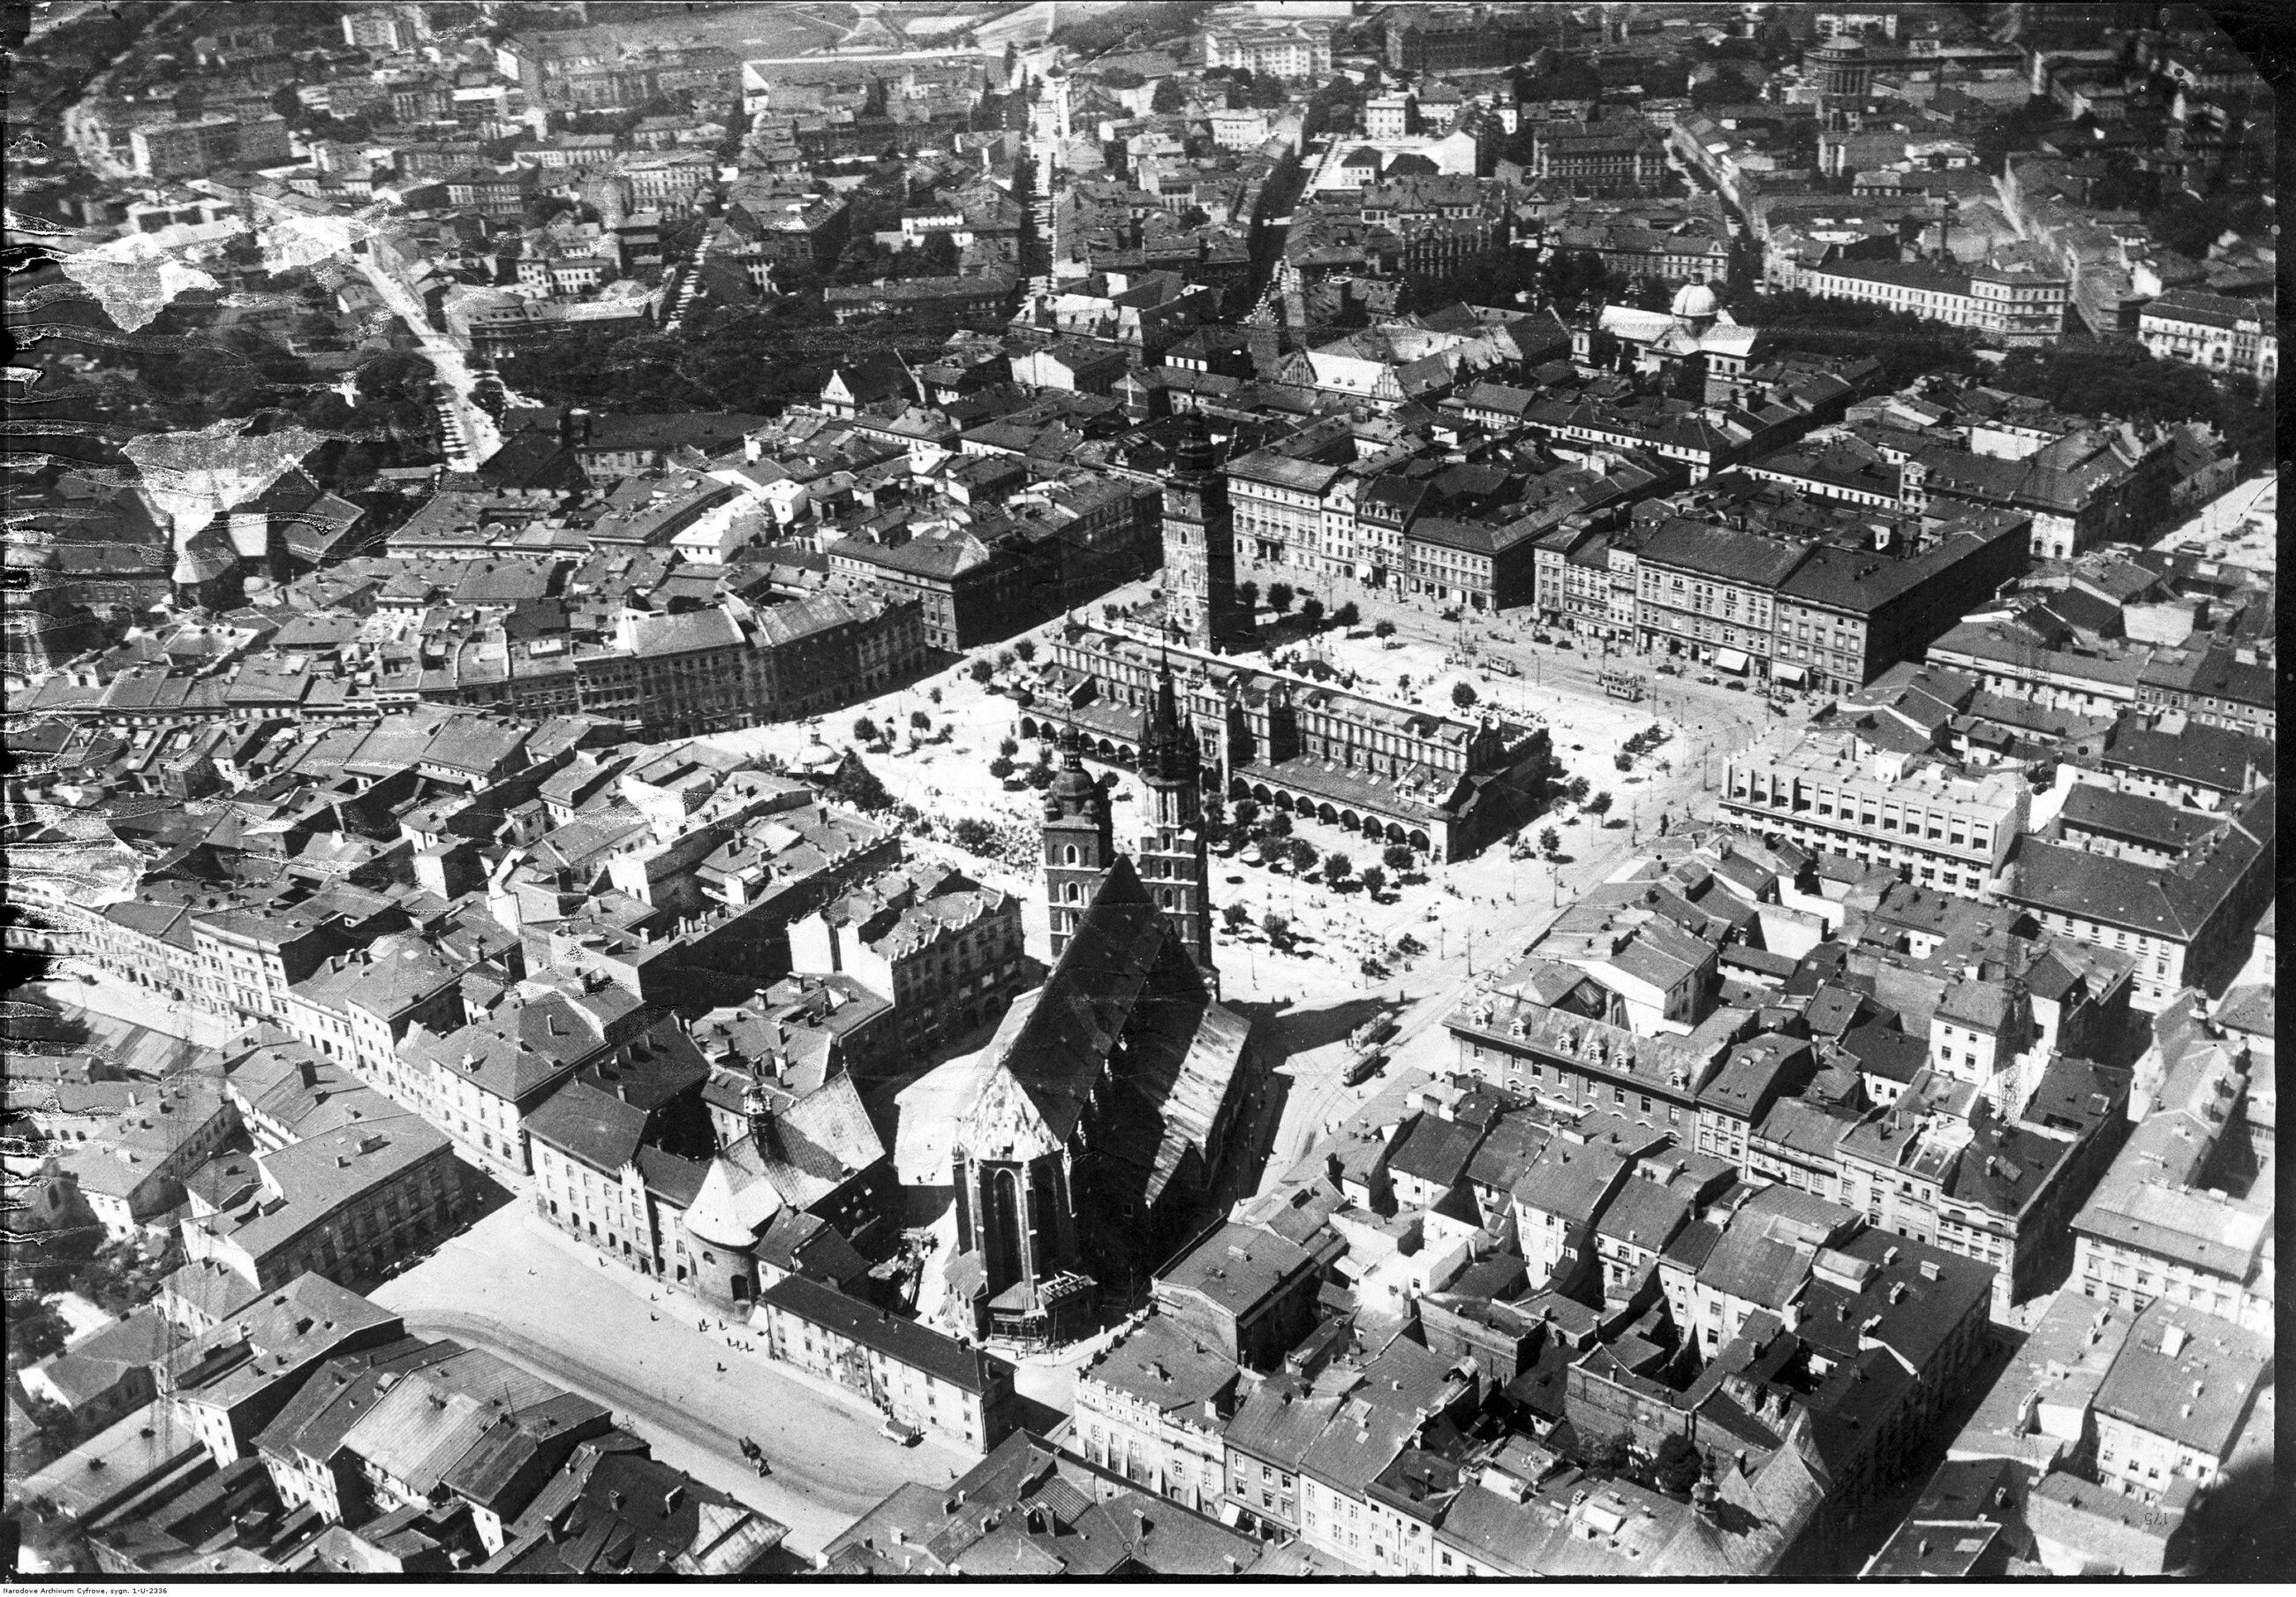 Kraków Pierwszą piątkę największych miast II RP zamyka Kraków. W 1939 r. dawna stolica Polski była mniejsza od Poznania i Lwowa. W 2017 r. to drugie co do wielkości polskie miasto. Liczba ludności w 1939 r.: 259 tys., obecnie: 765 tys. Na zdjęciu: panorama miasta w październiku 1934 r.